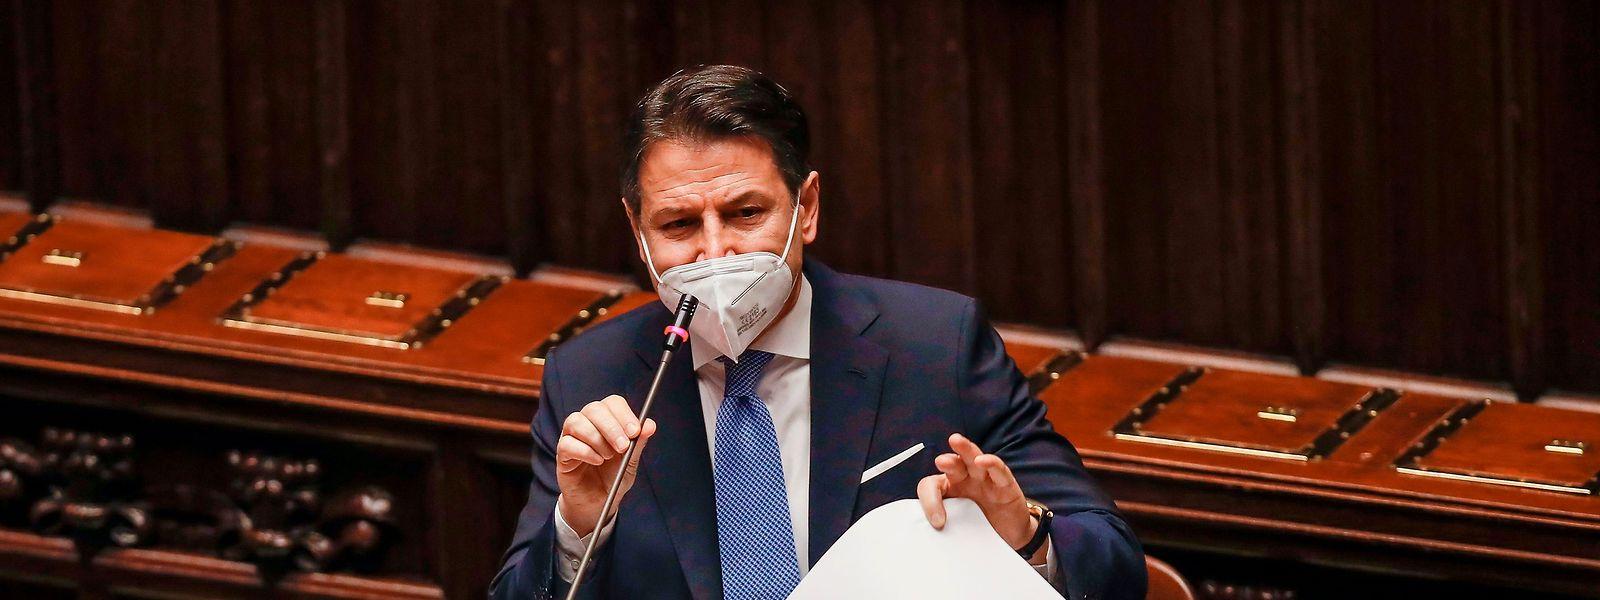 Es geht um Italiens Premierminister Giuseppe Contes politische Zukunft.